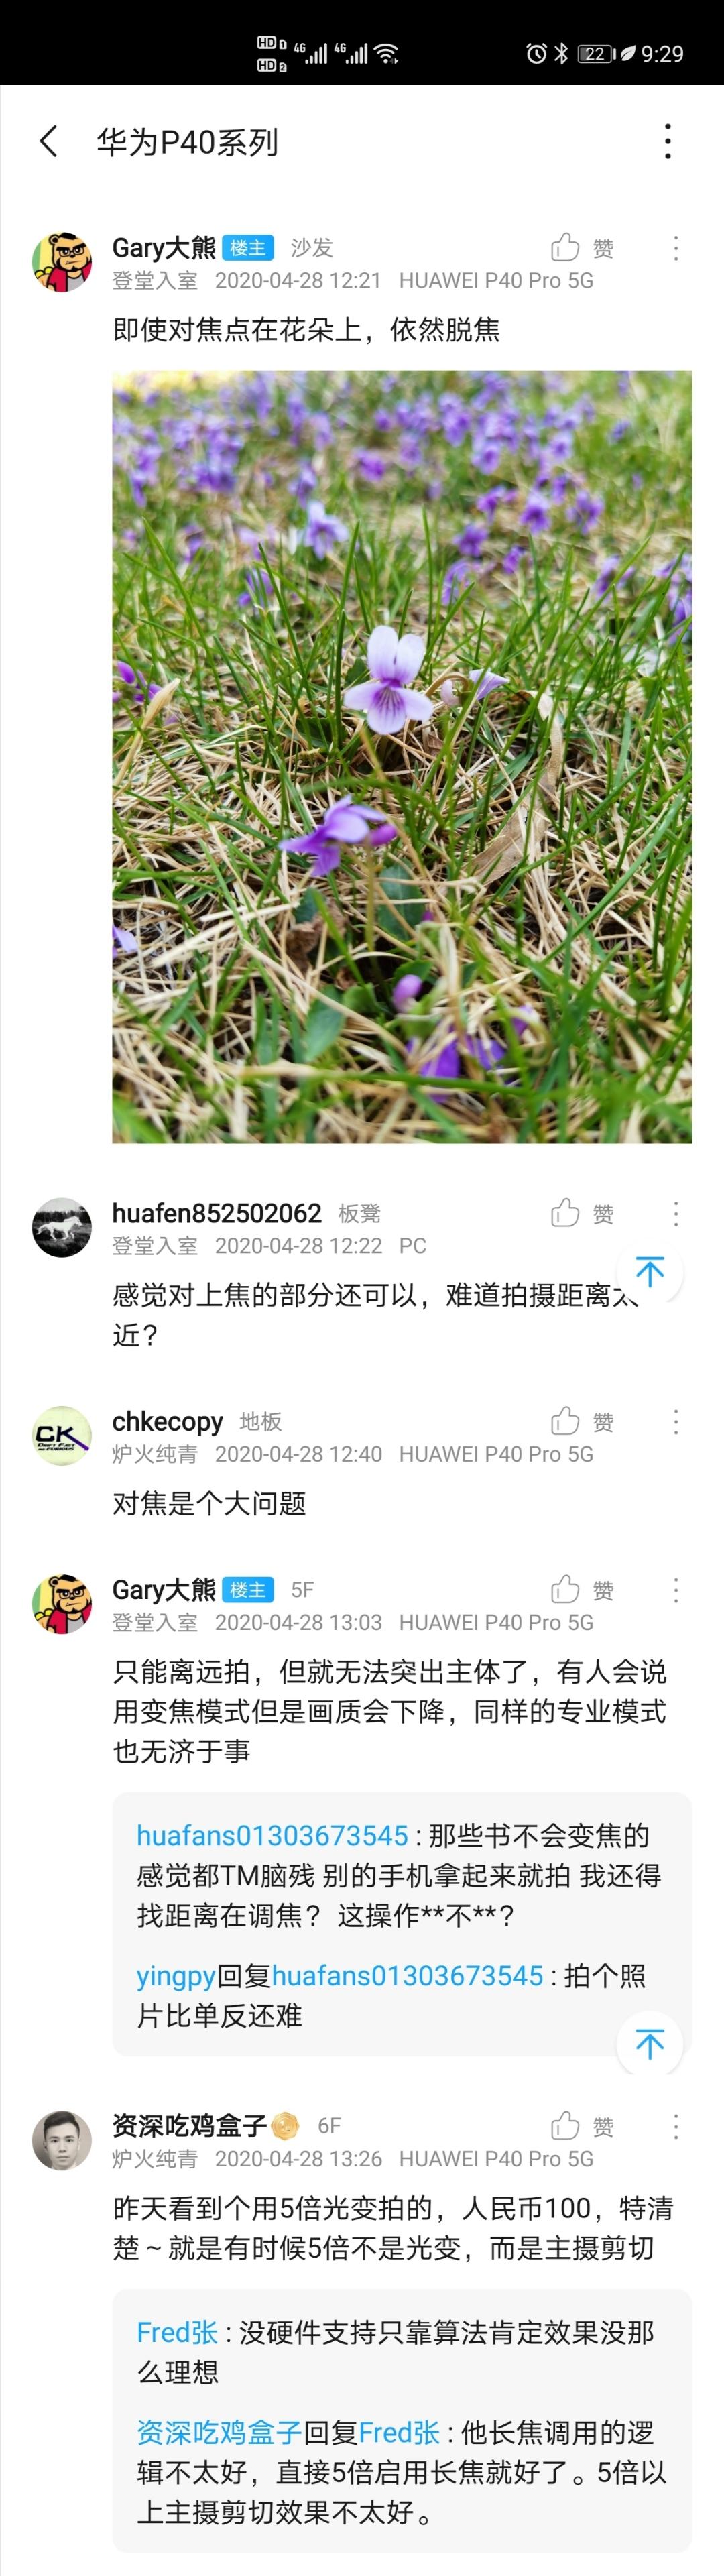 Screenshot_20200428_212943.jpg